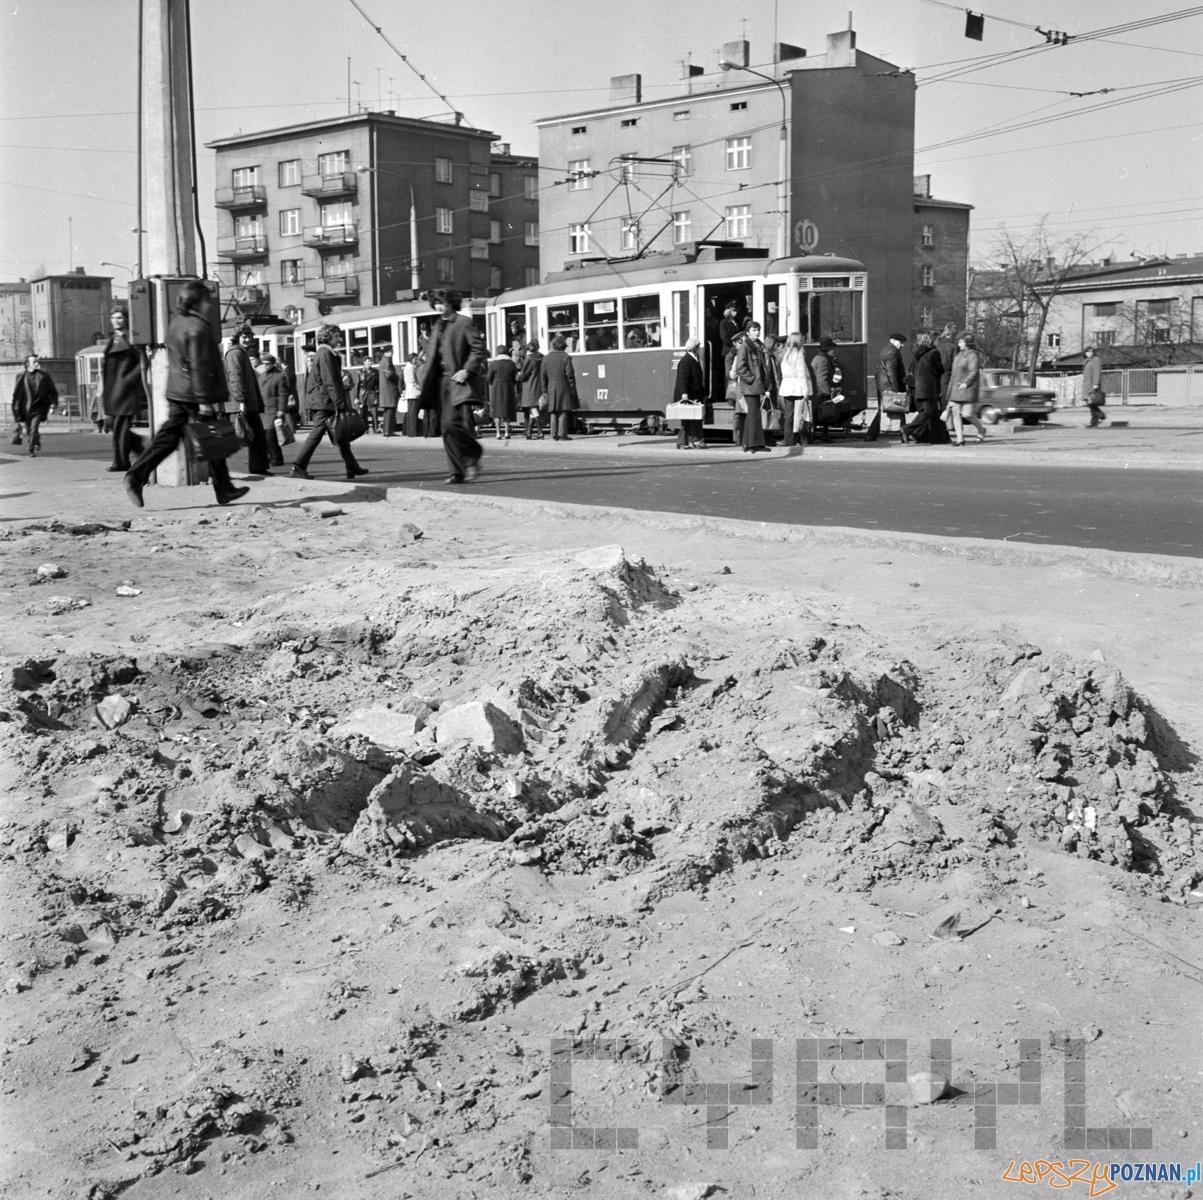 Ulica Hetmańska - 12.03.1974  Foto: Stanisław Wiktor / Cyryl